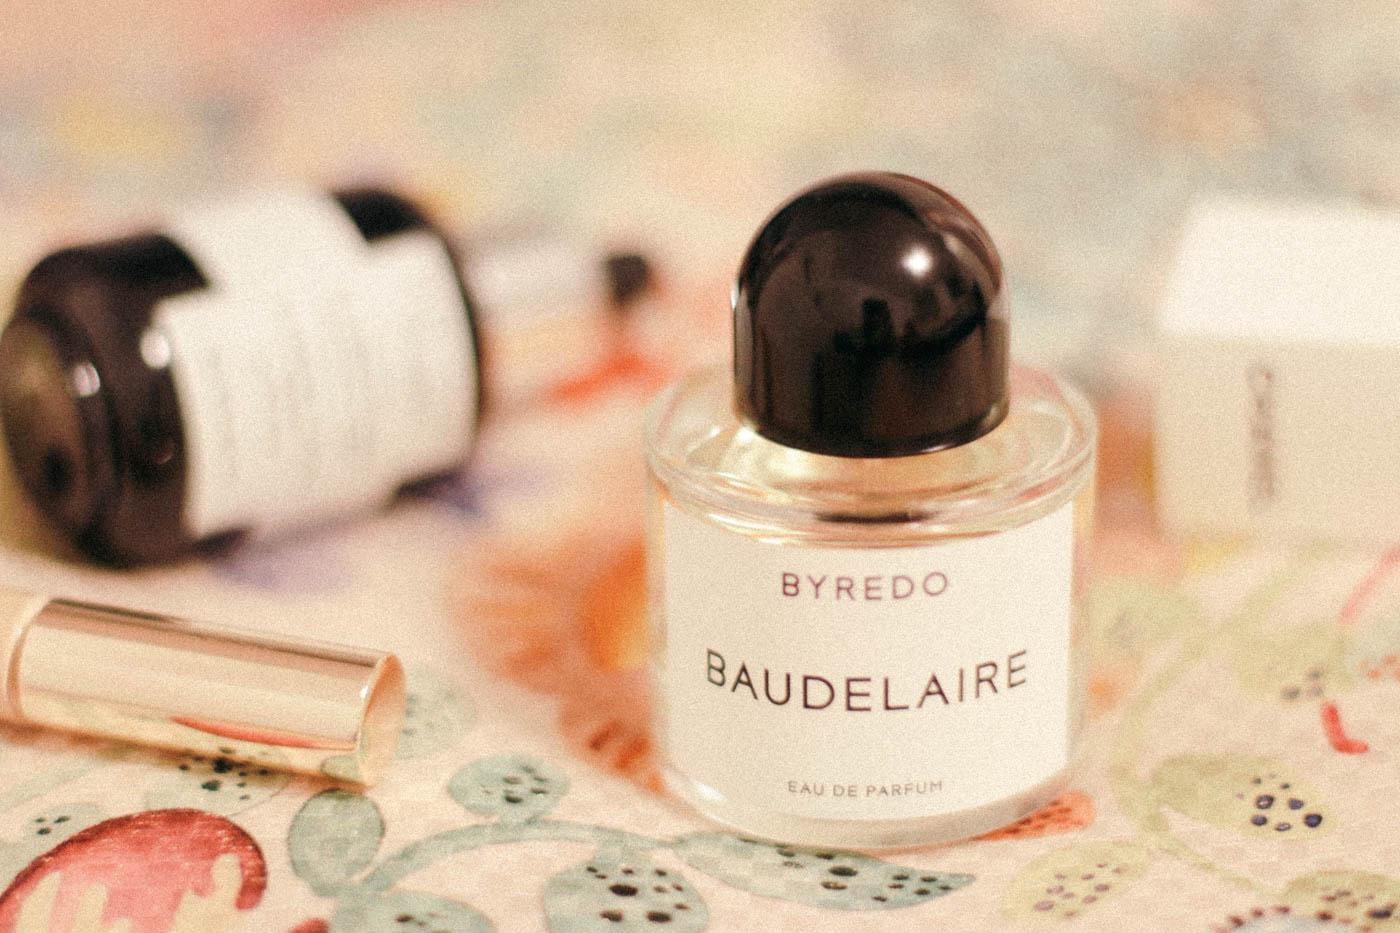 Byredo Baudelaire - Skincare